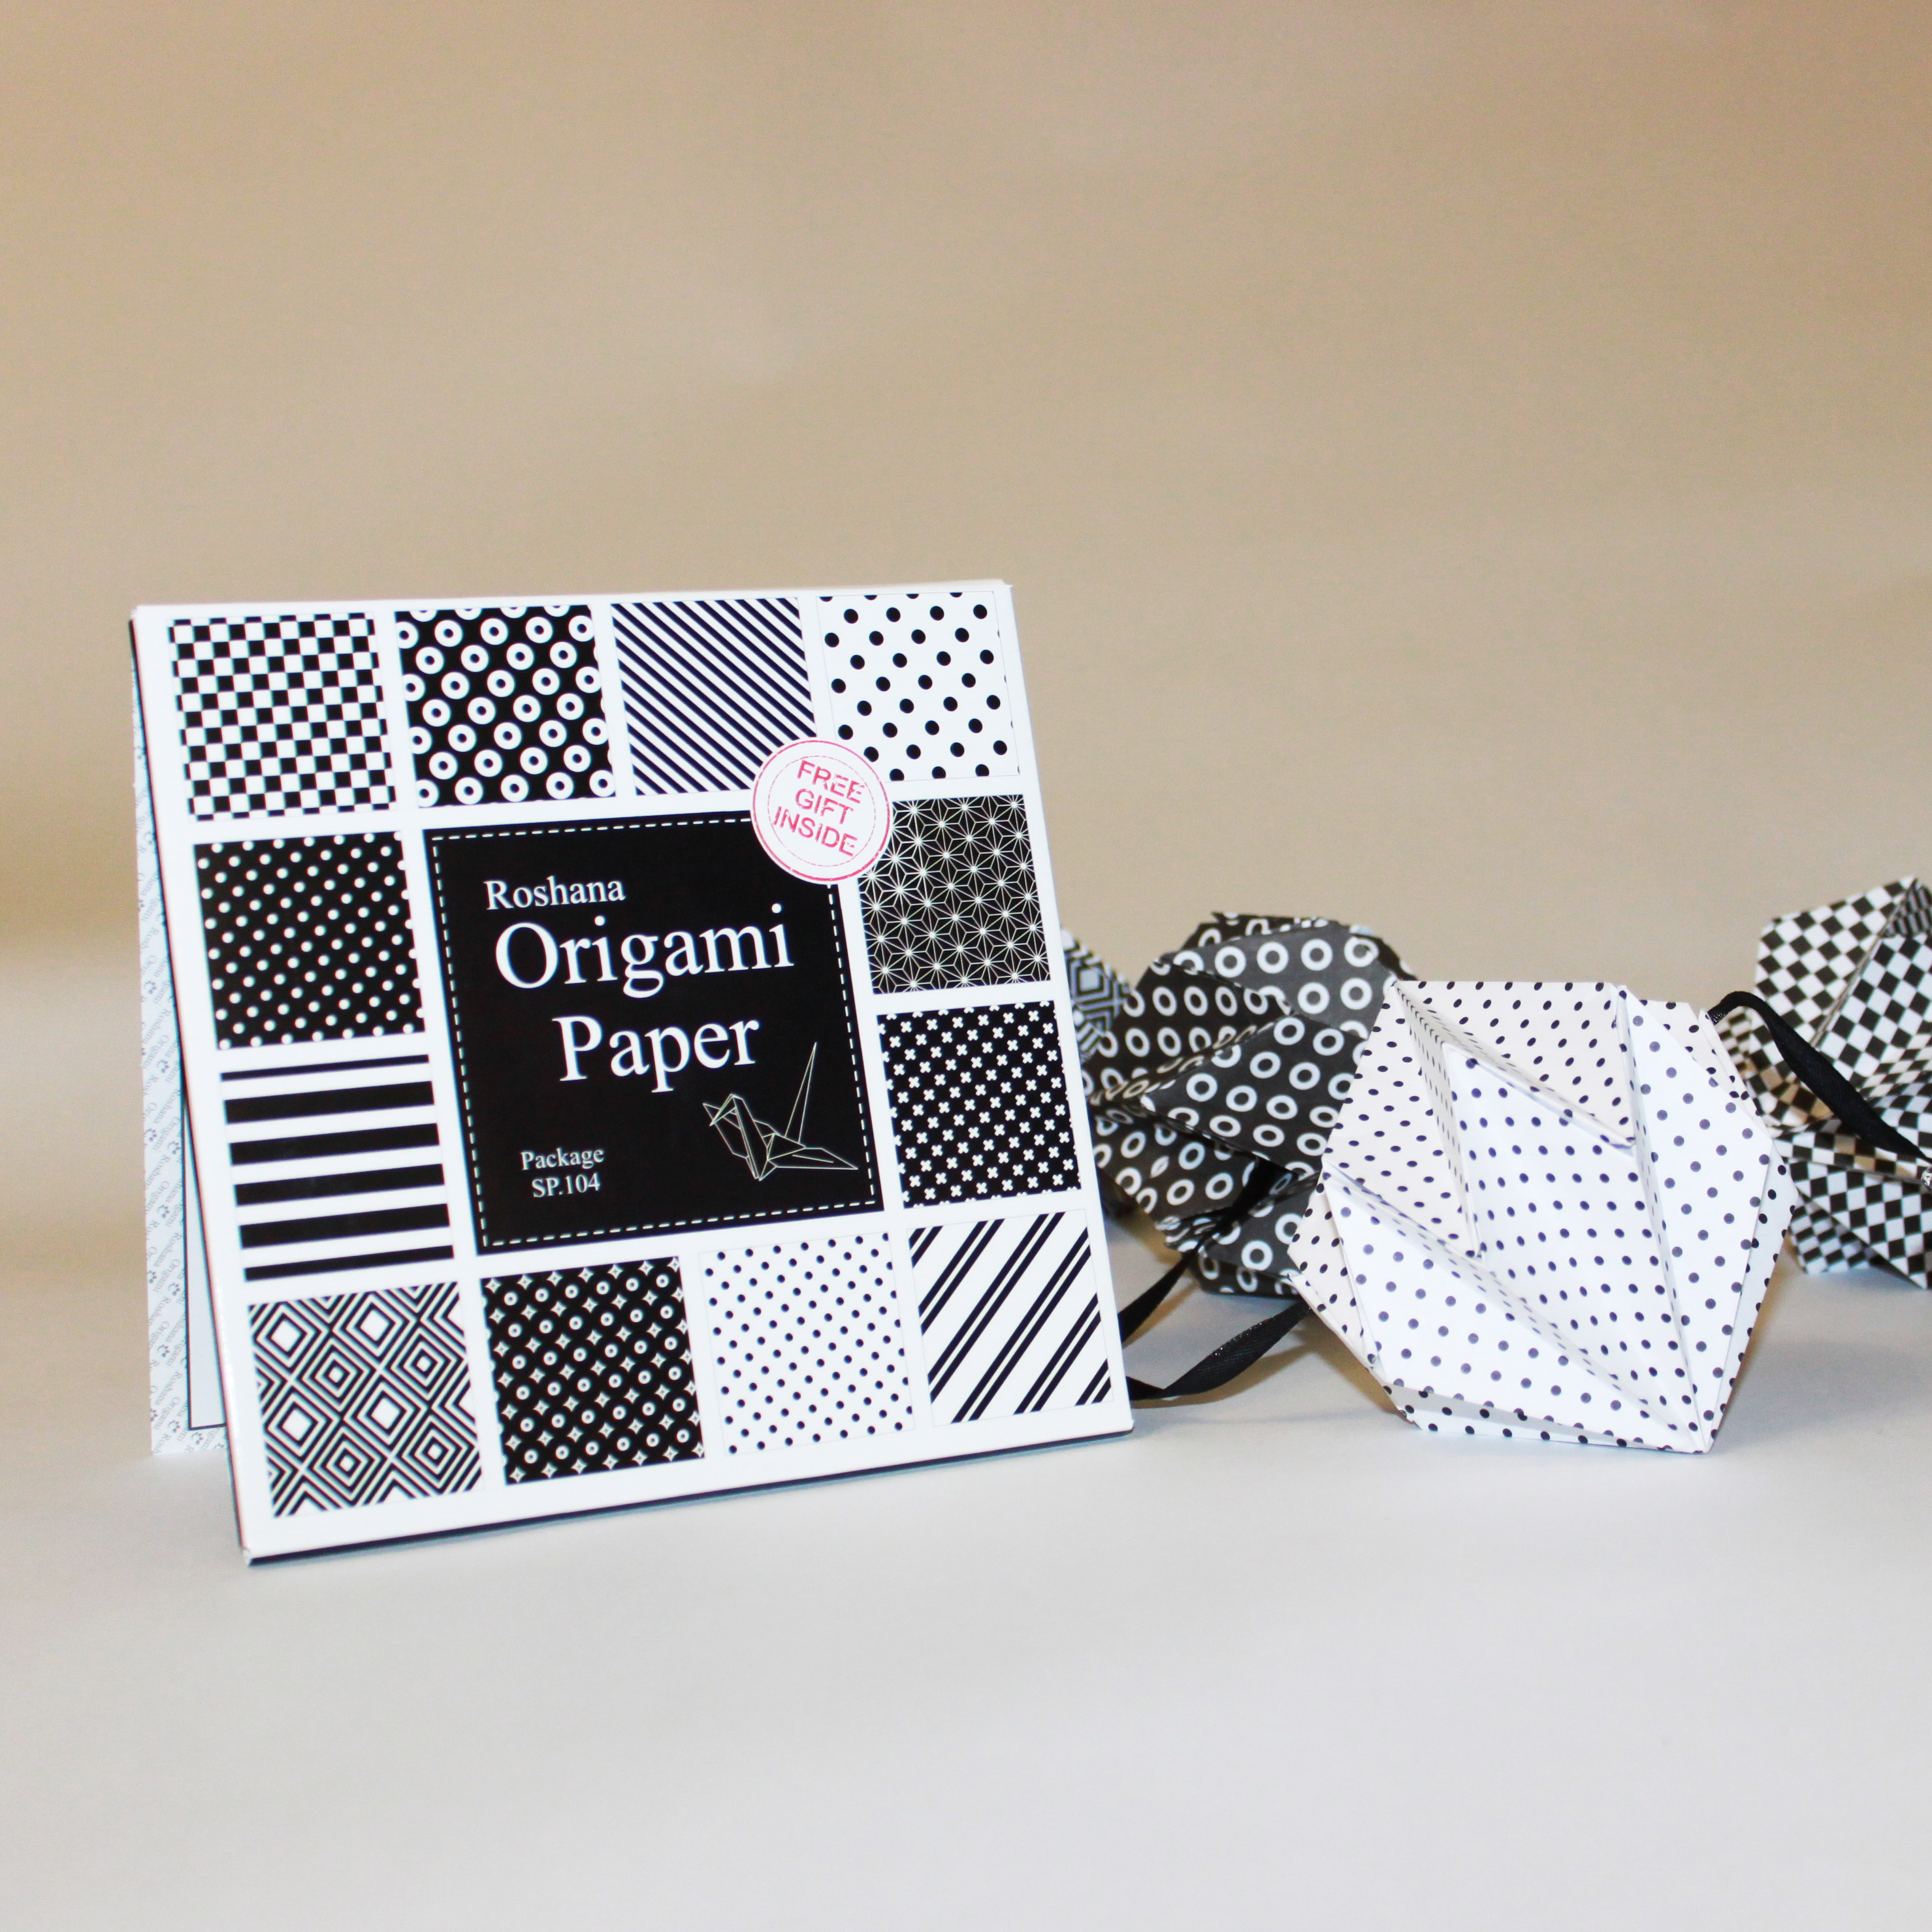 ۴۸ برگ کاغذ اوریگامی سیاه و سفید - کازیه